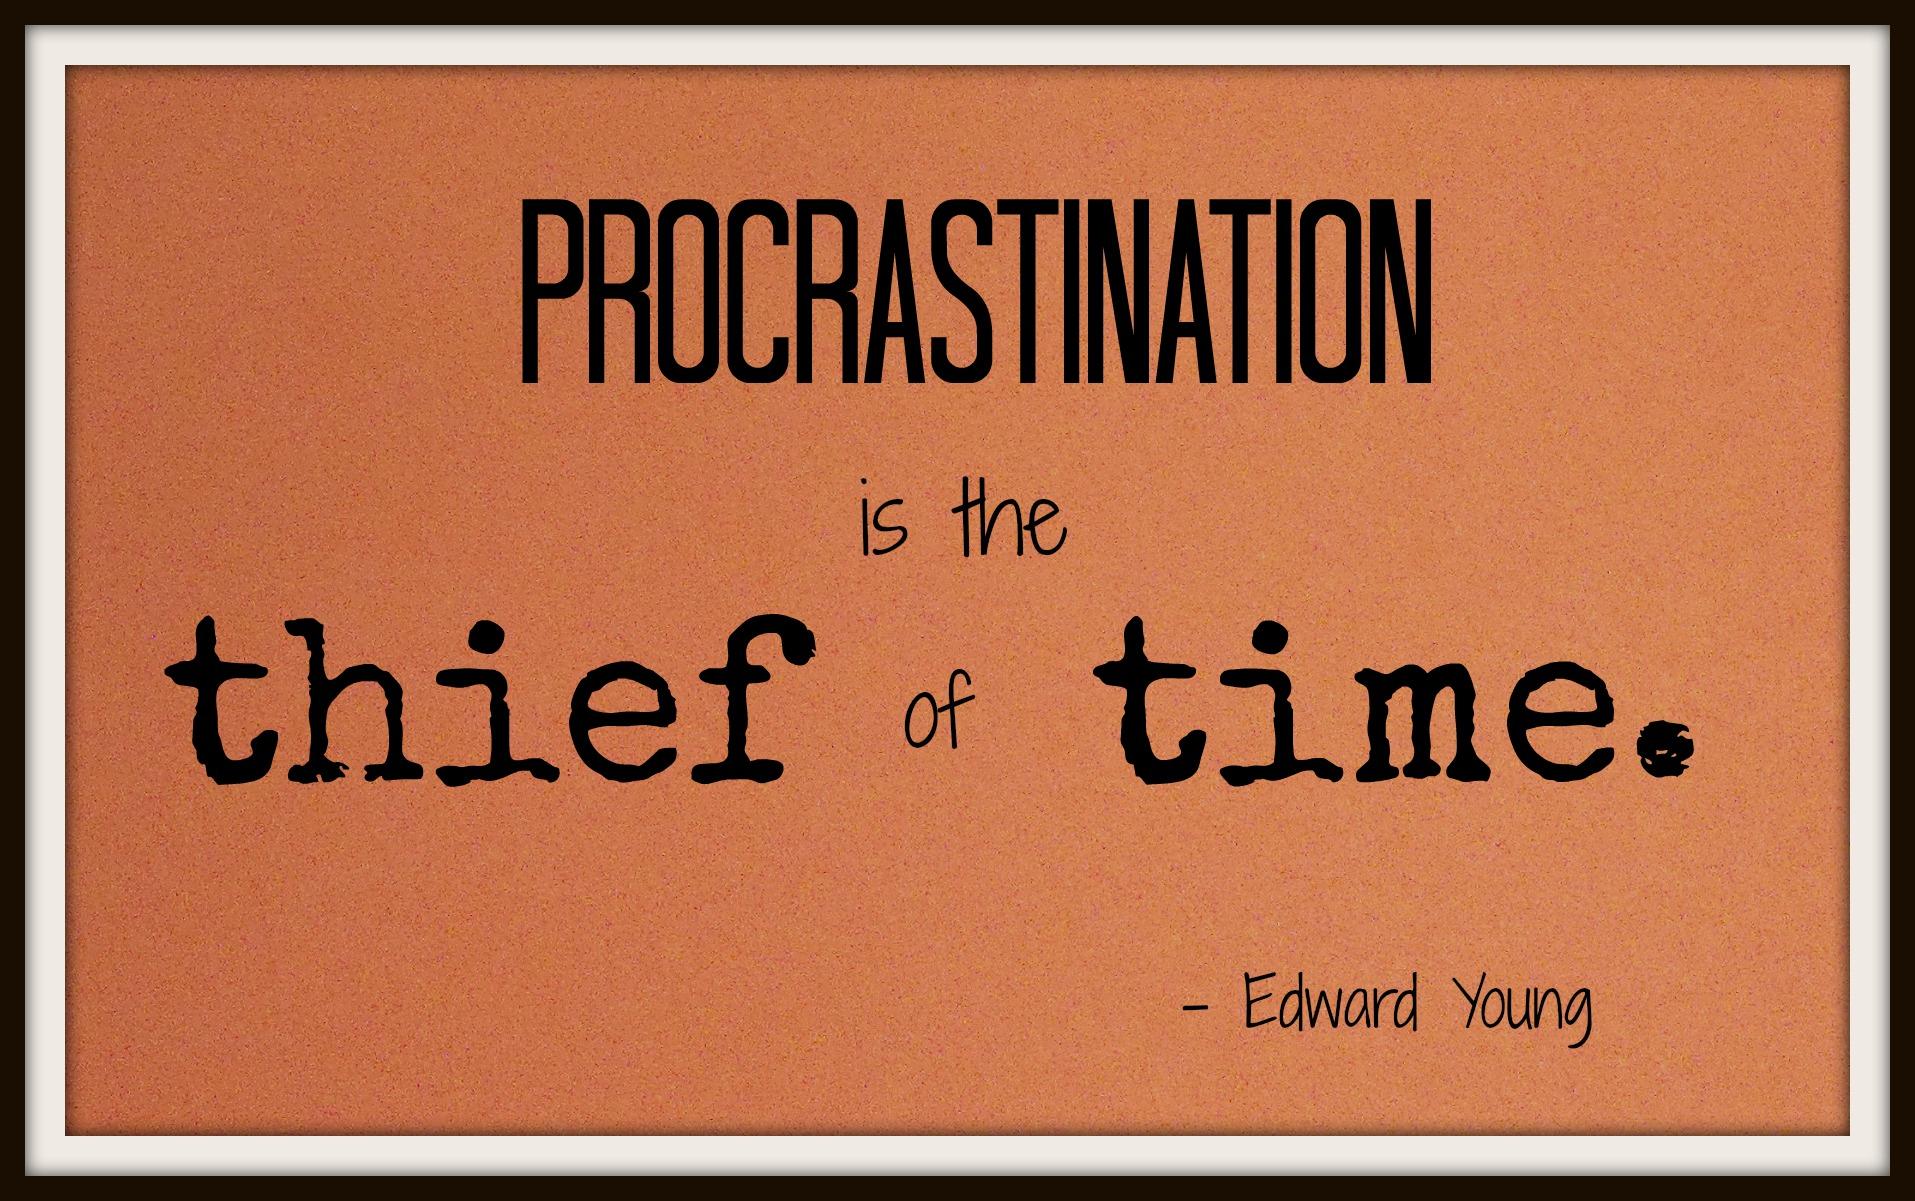 procrastination-quotes-19